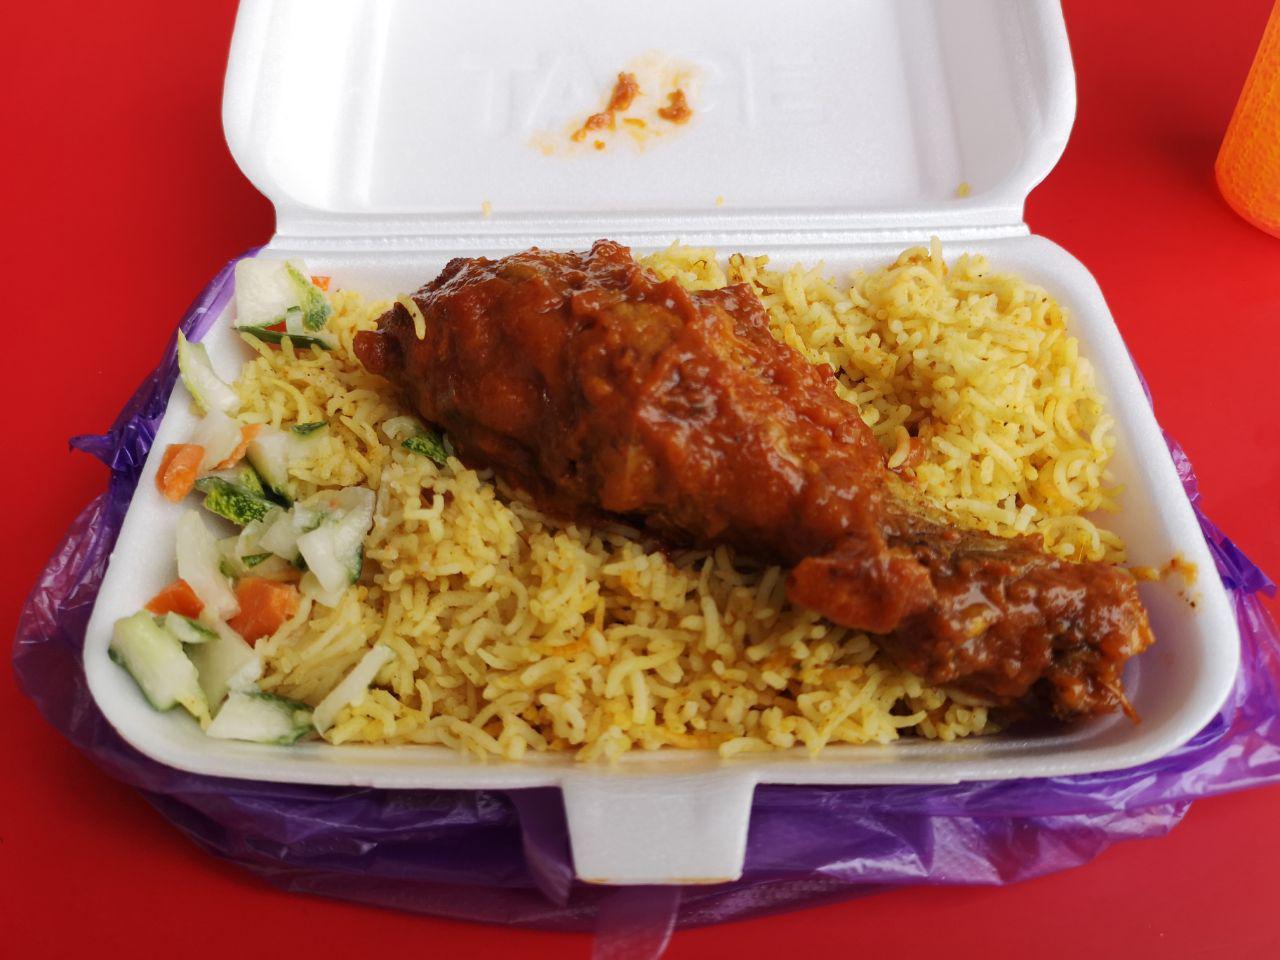 Biryani, achar and ayam masak merah.